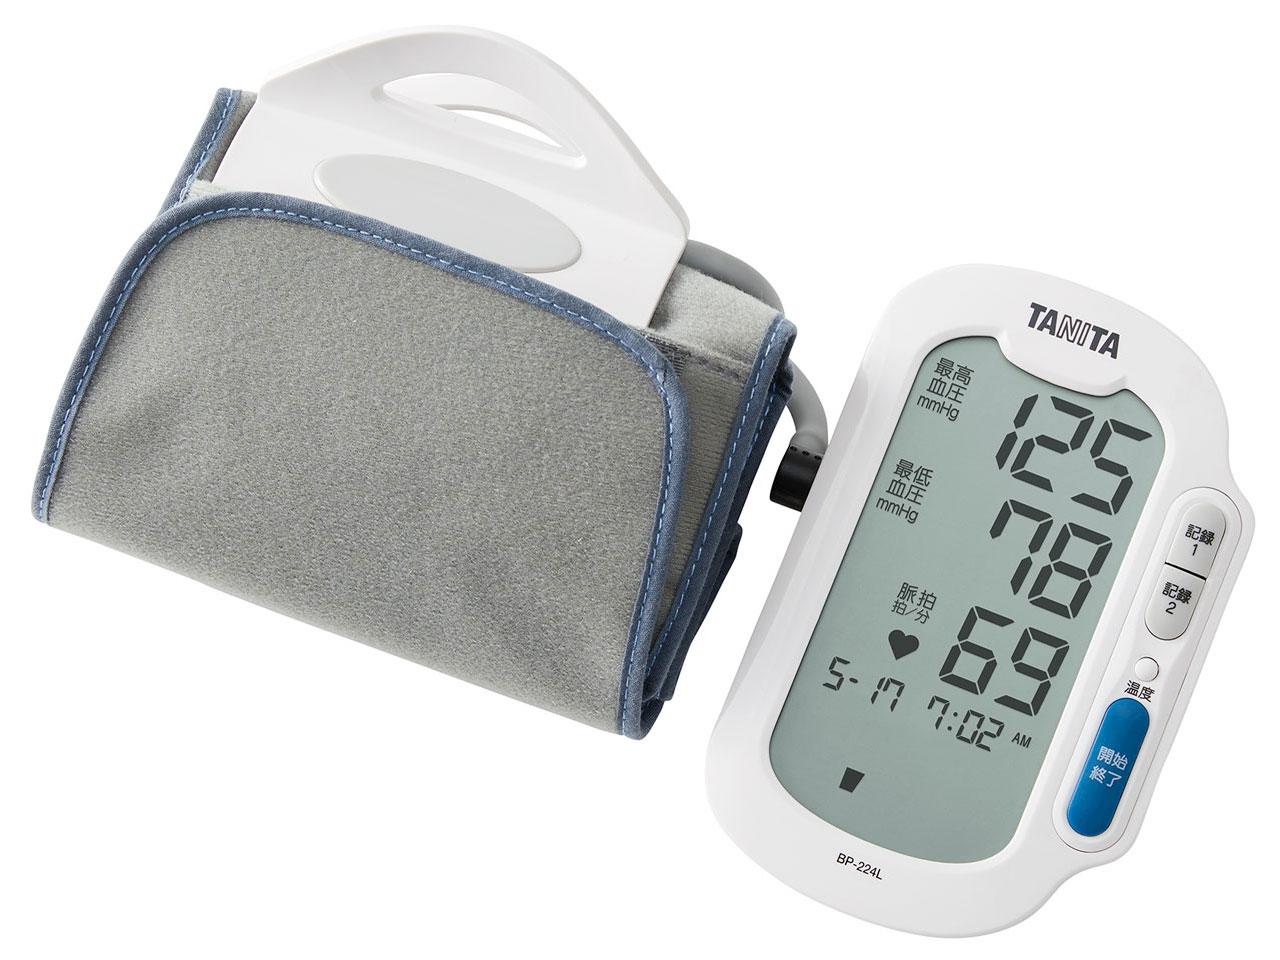 【タニタ】 上腕式血圧計 Bluetooth アプリ連動 ヘルスプラネット ホワイト BP-224L-WH